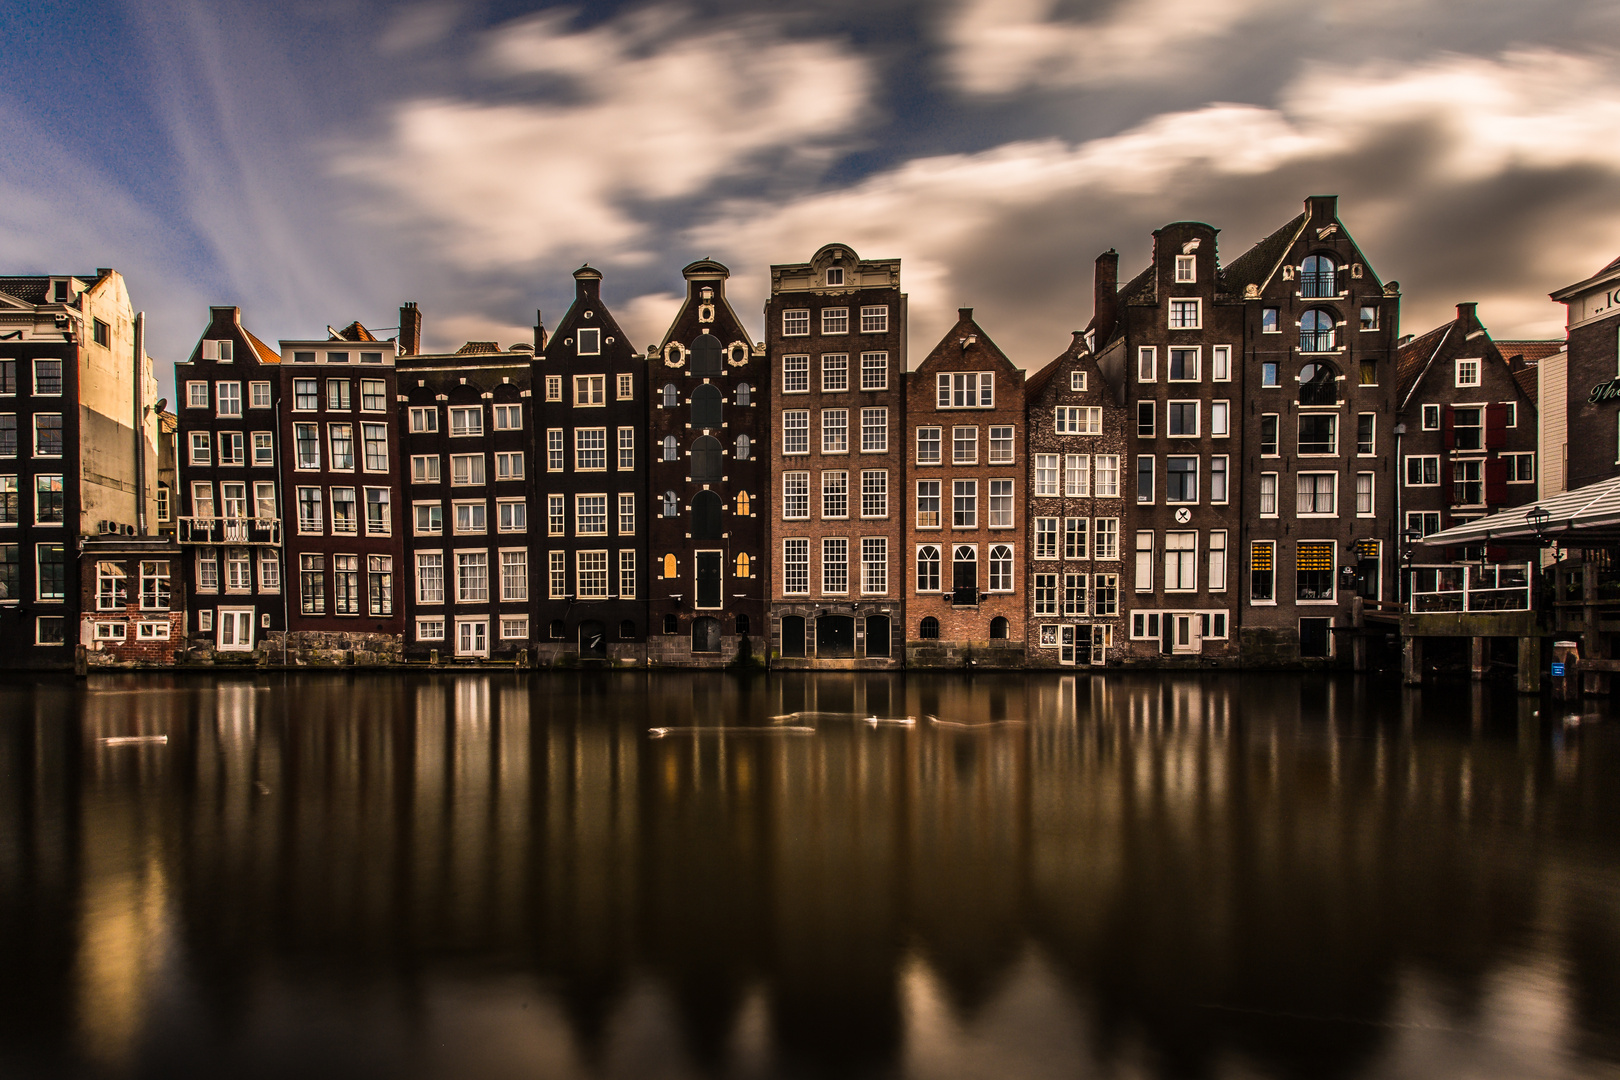 Zeitloses amsterdam foto bild architektur europe benelux bilder auf fotocommunity - Architektur amsterdam ...